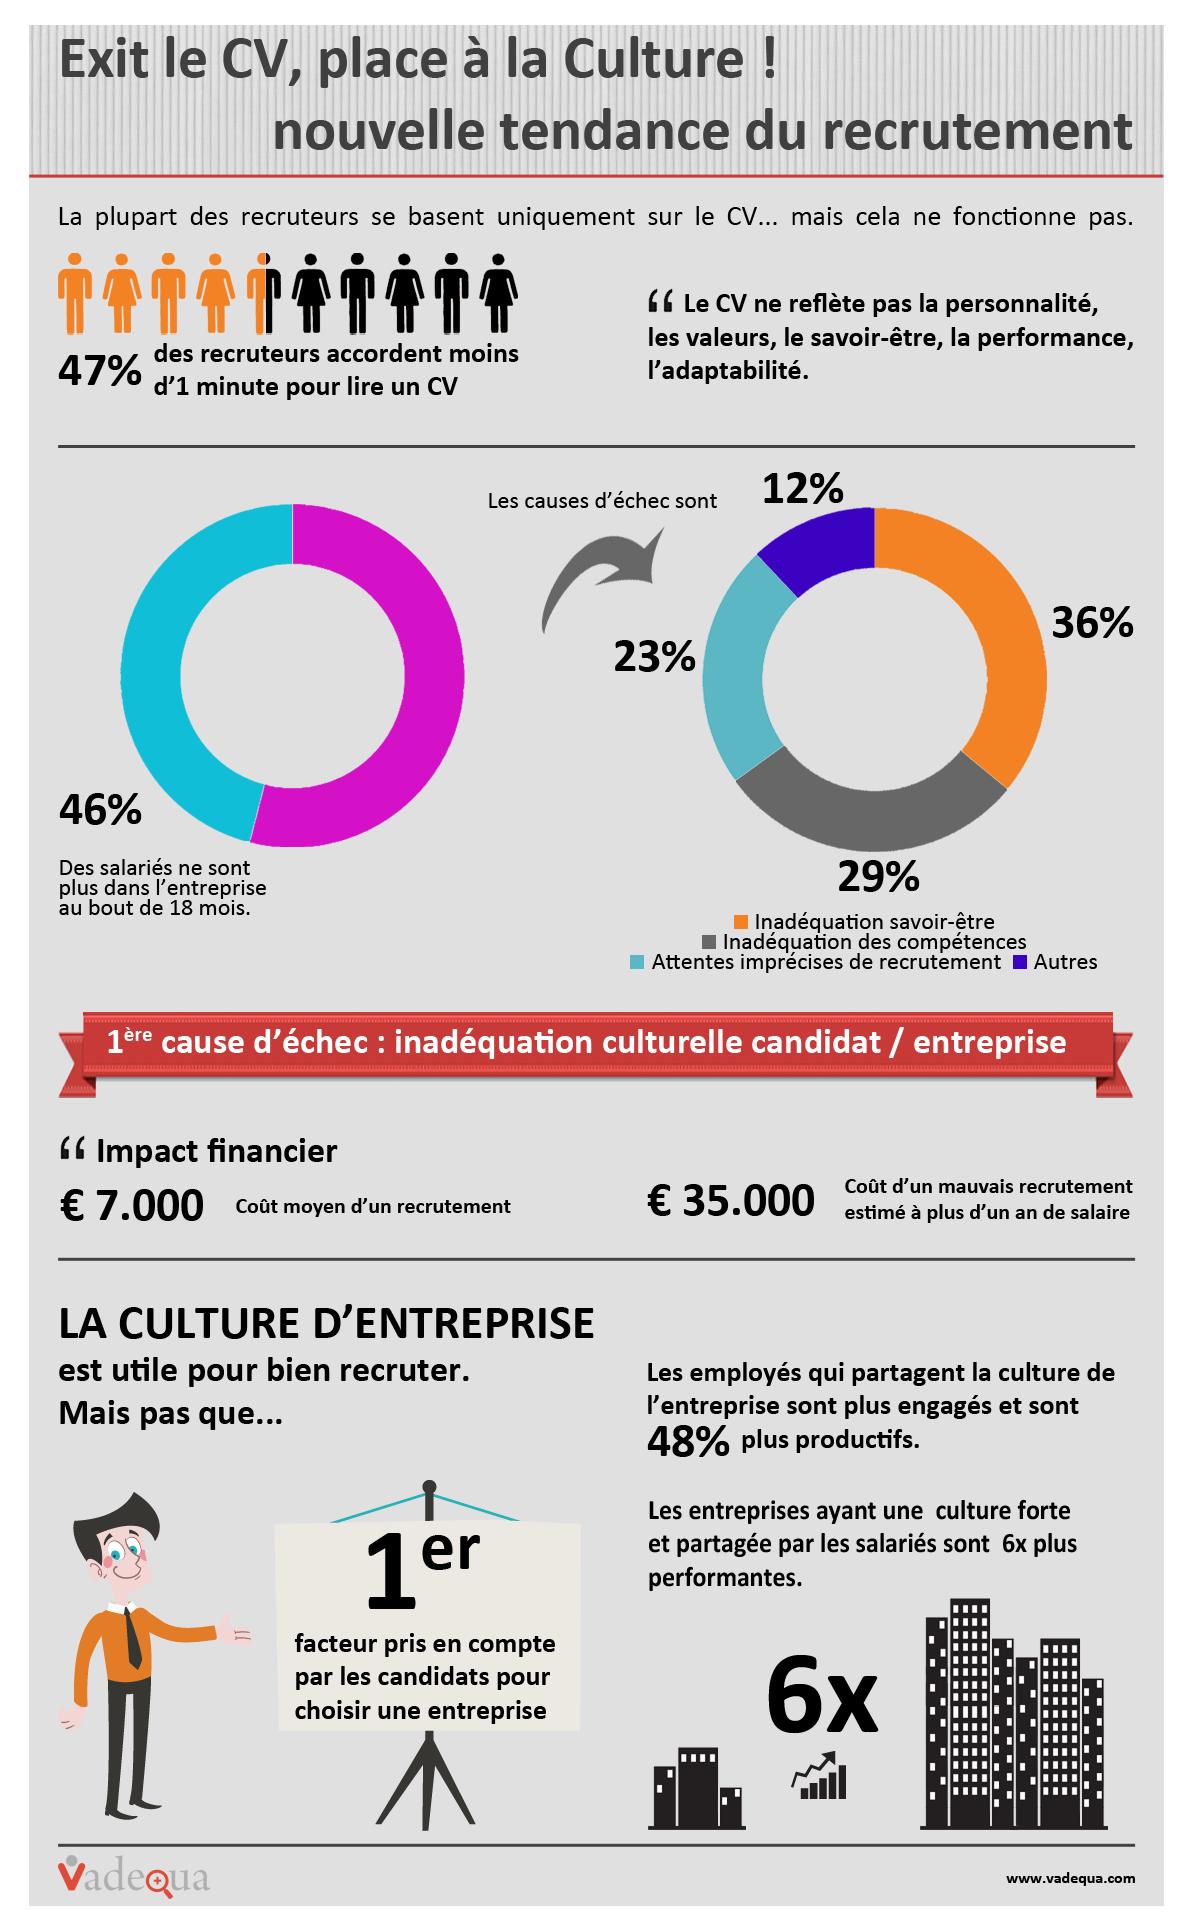 culture_entreprise_nouvelle_tendance